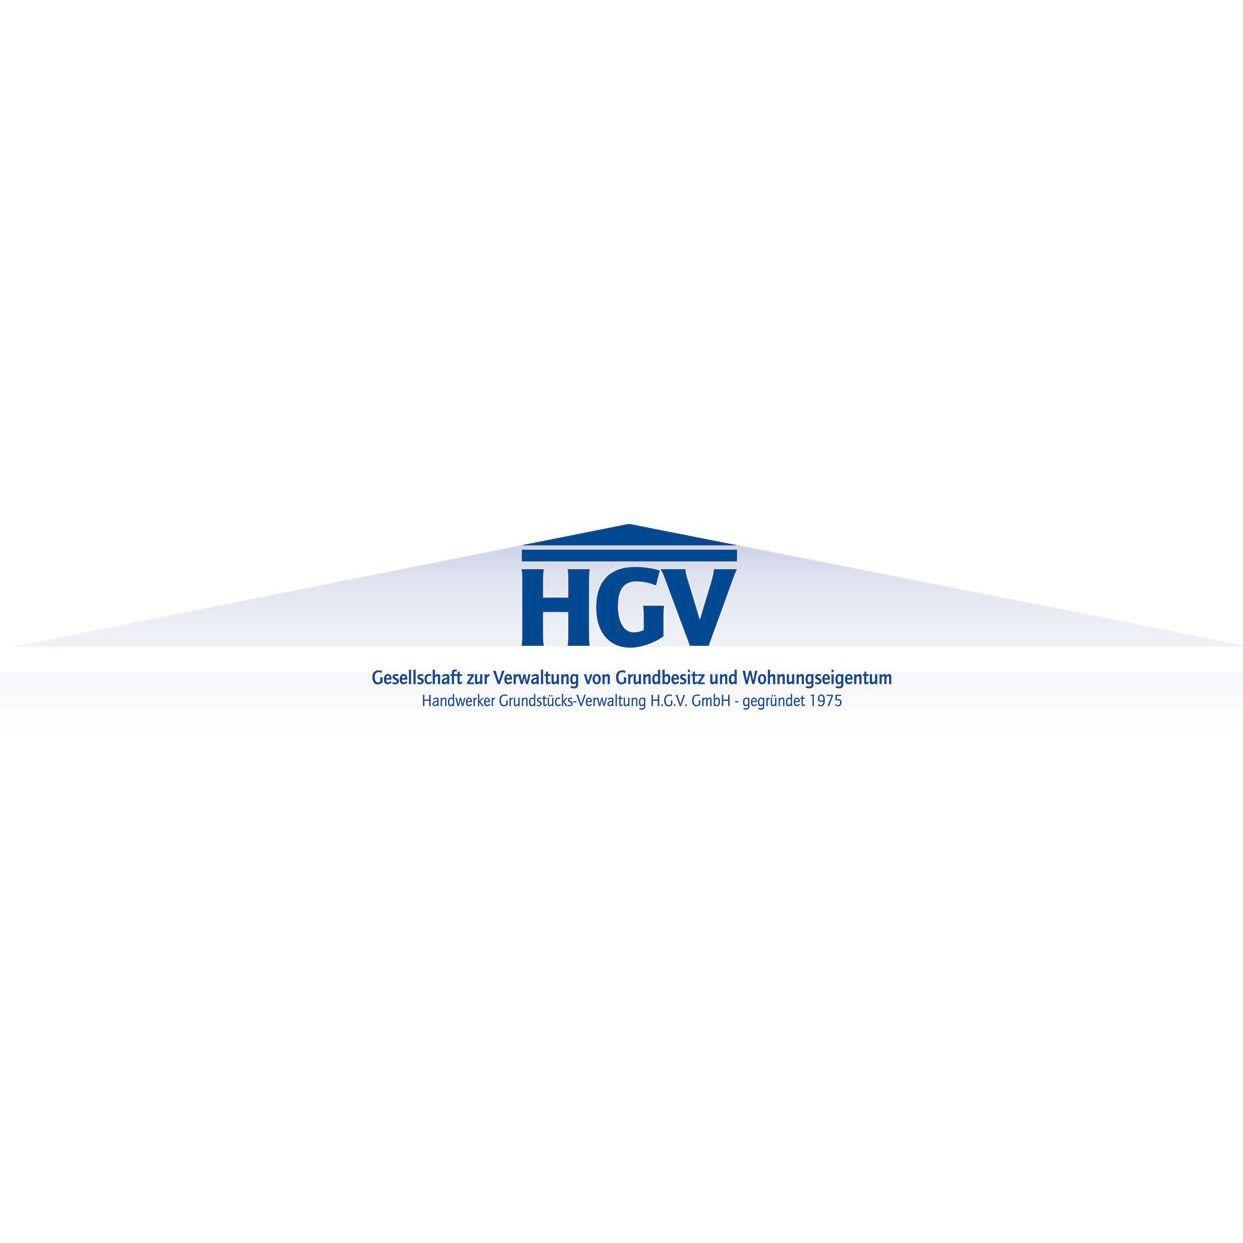 Handwerker Grundstücks-Verwaltung H.G.V. GmbH